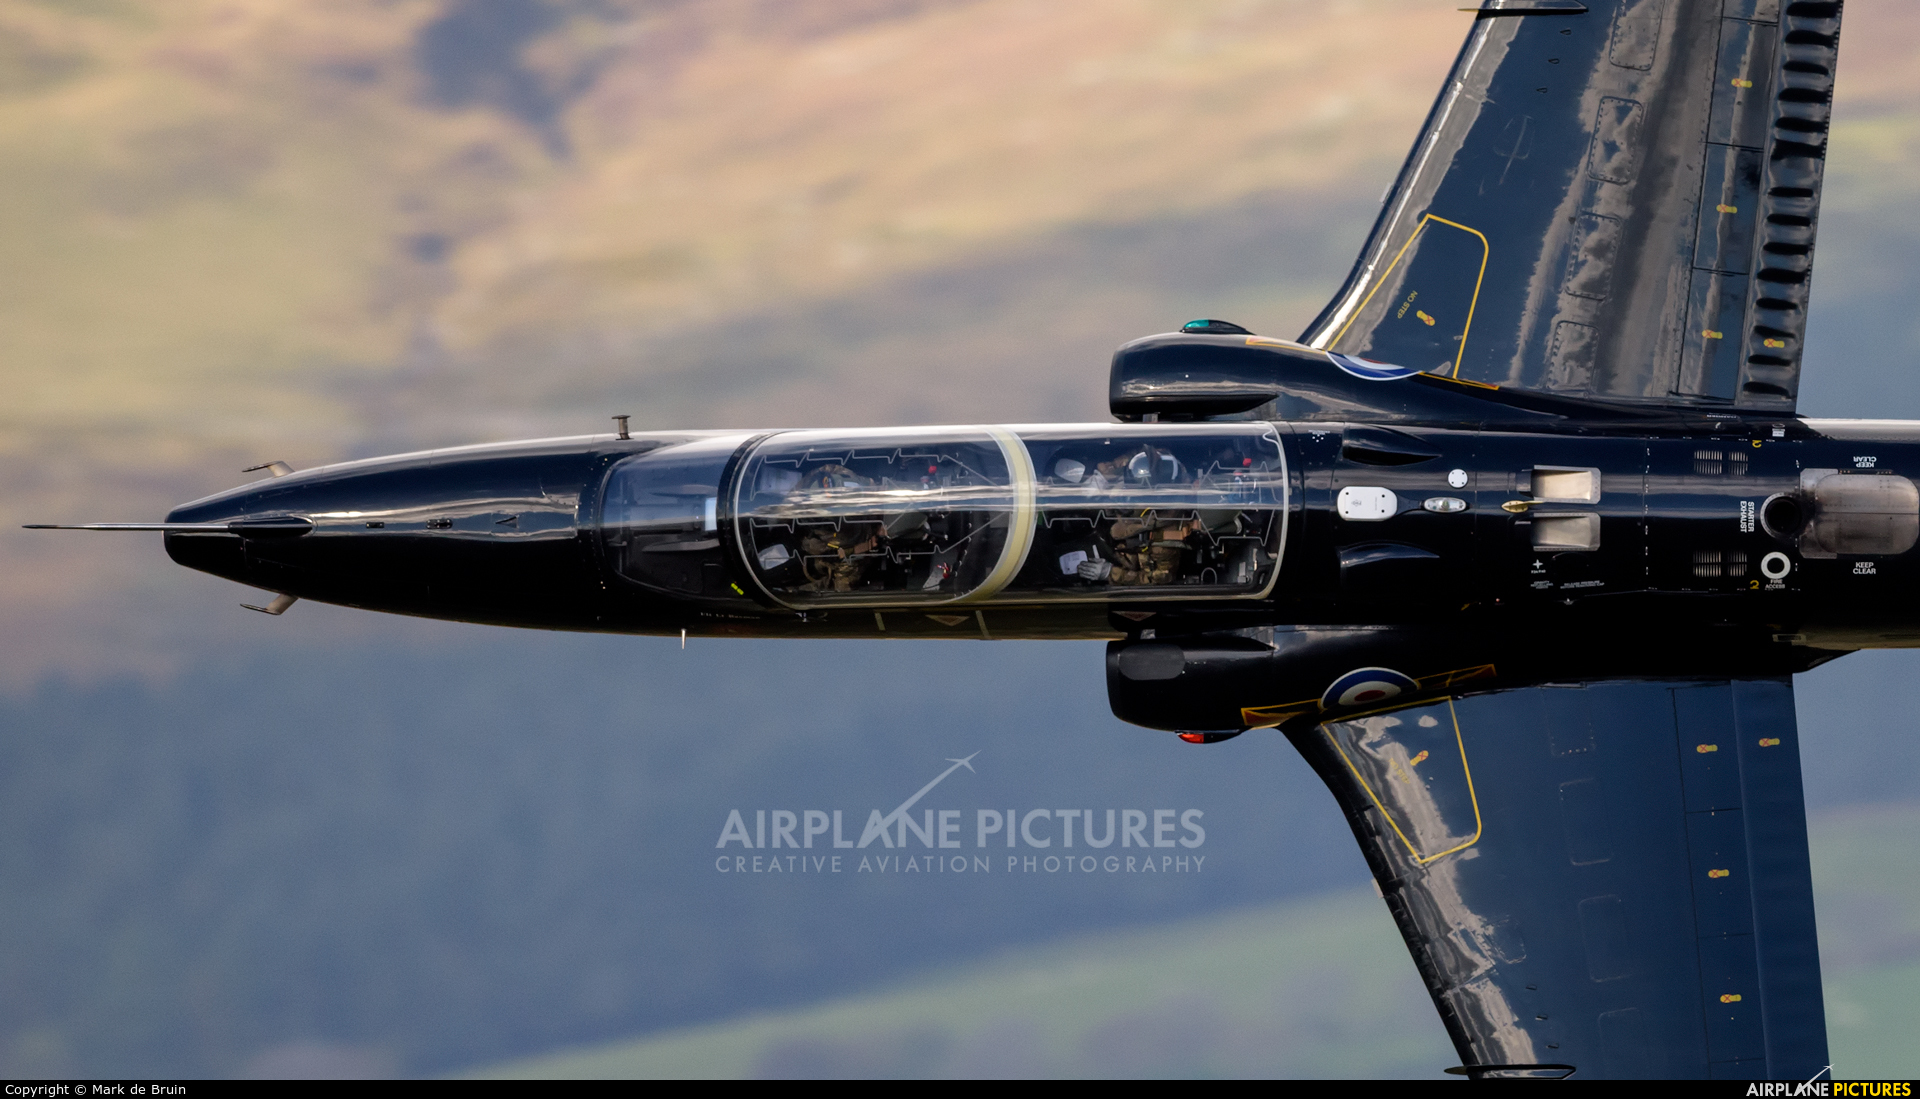 Royal Air Force ZK027 aircraft at Machynlleth Loop - LFA 7